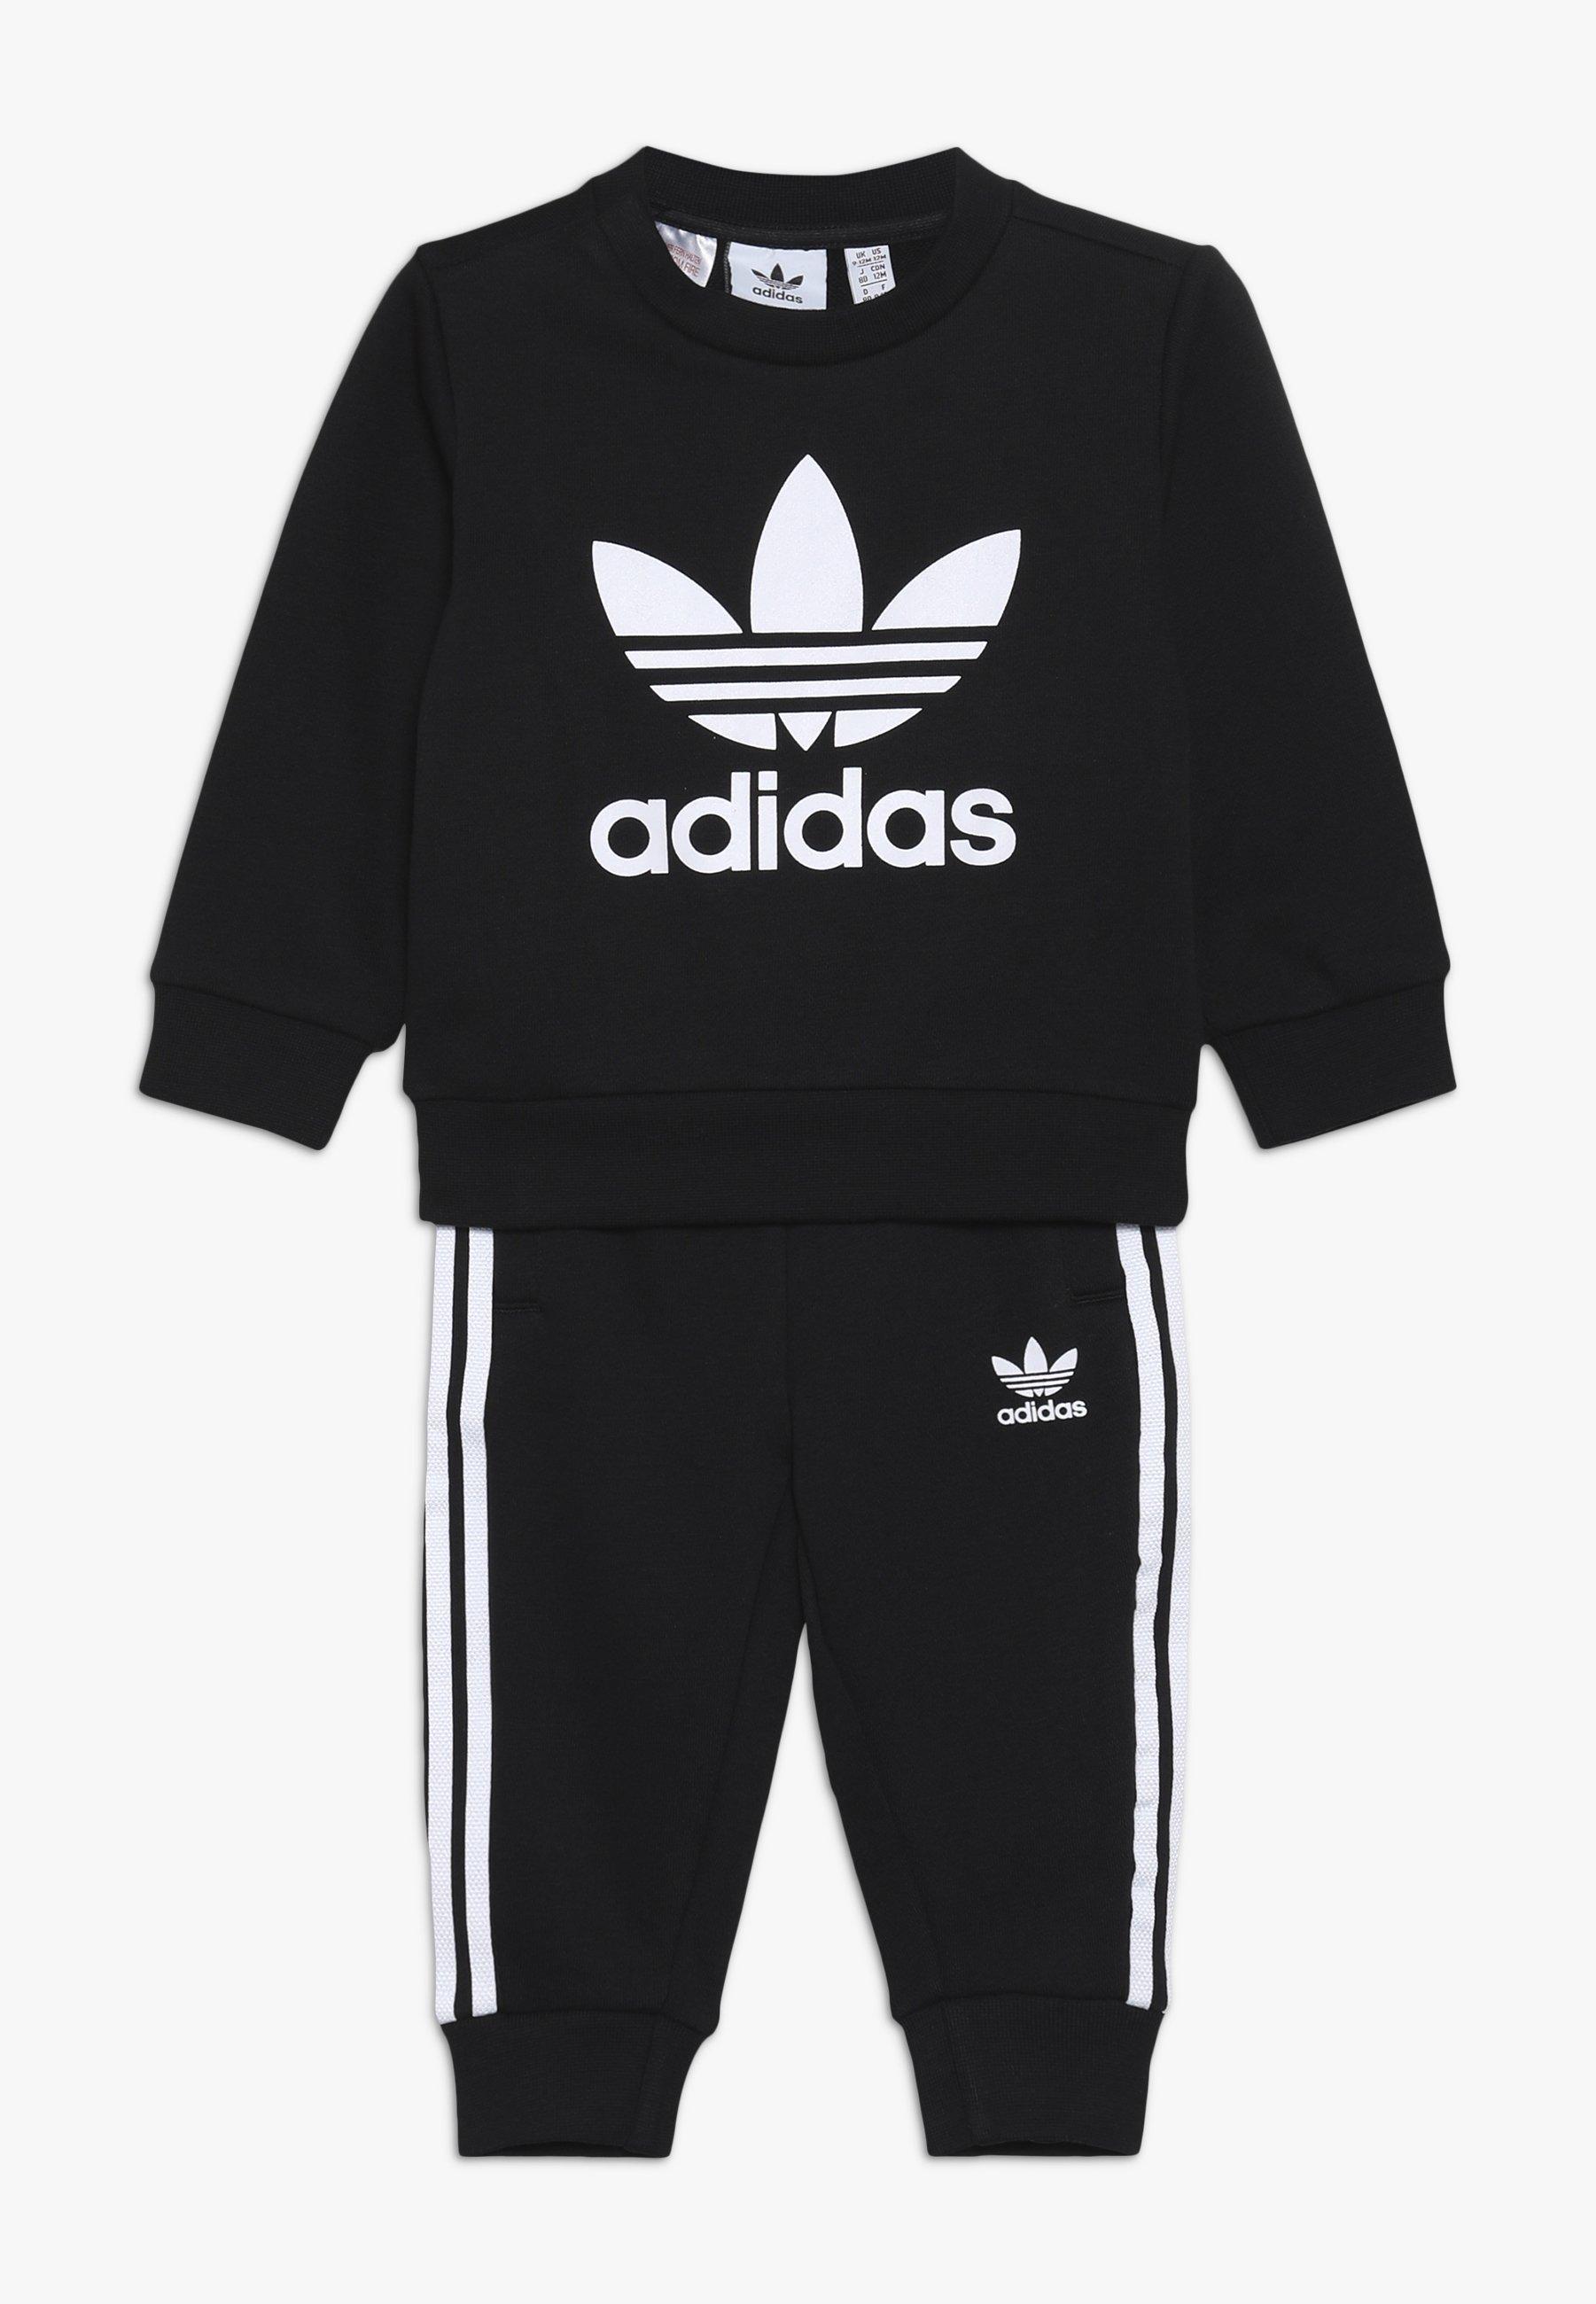 adidas Originals CREW SET Sweater blackwhite Zalando.nl